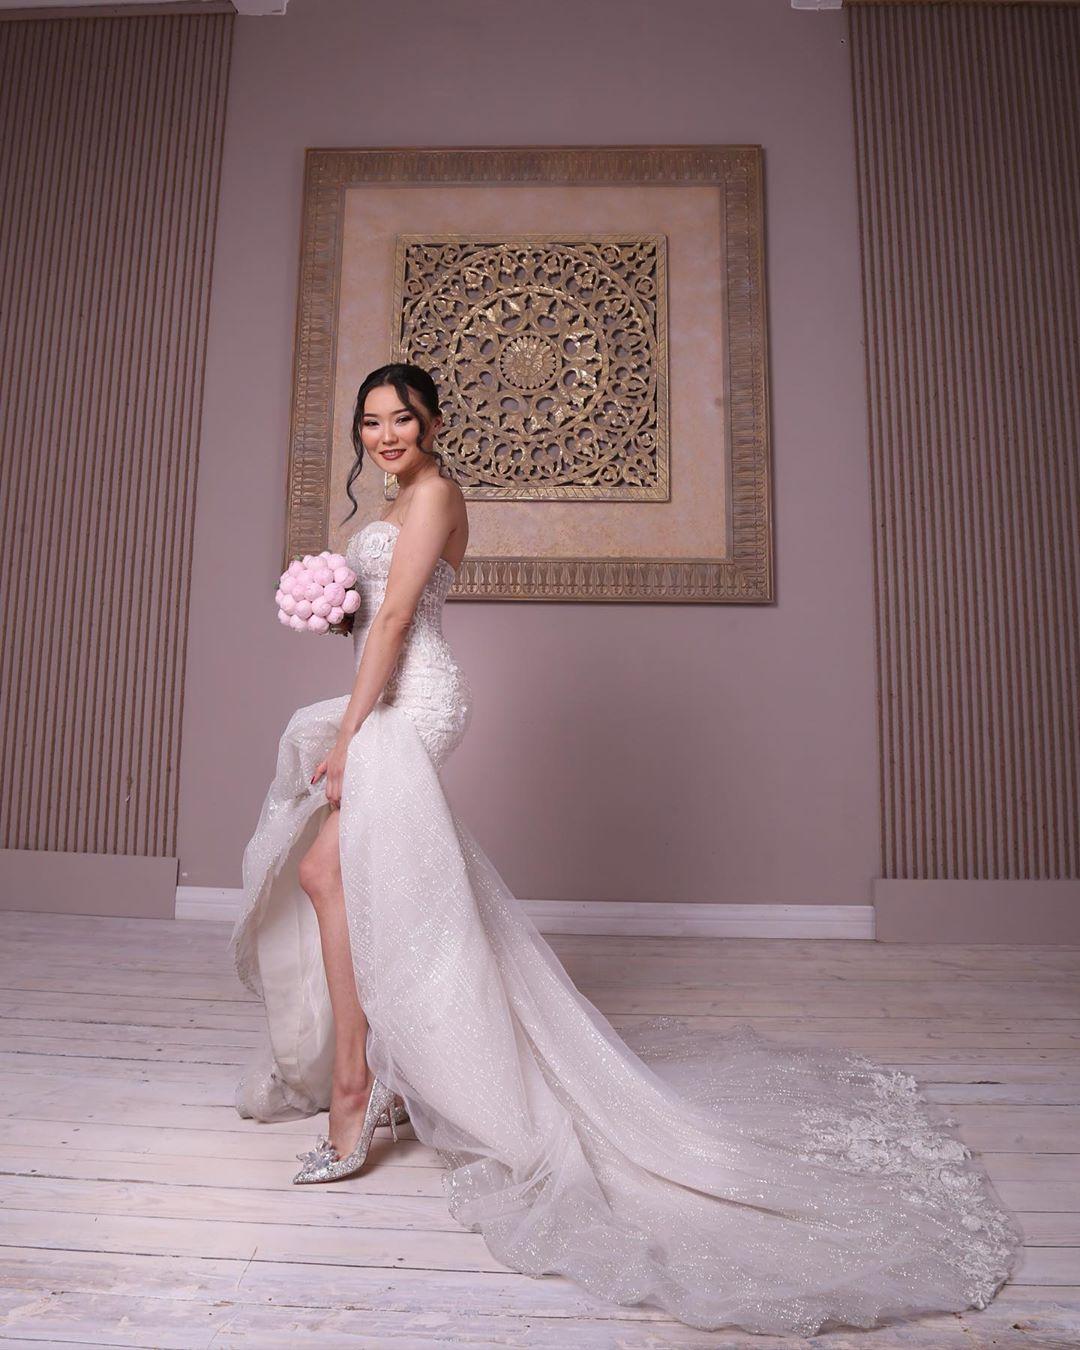 70678f38991cc22117a9490ae40a6111 - Daughter Bayan Lagunovoi again became a bride